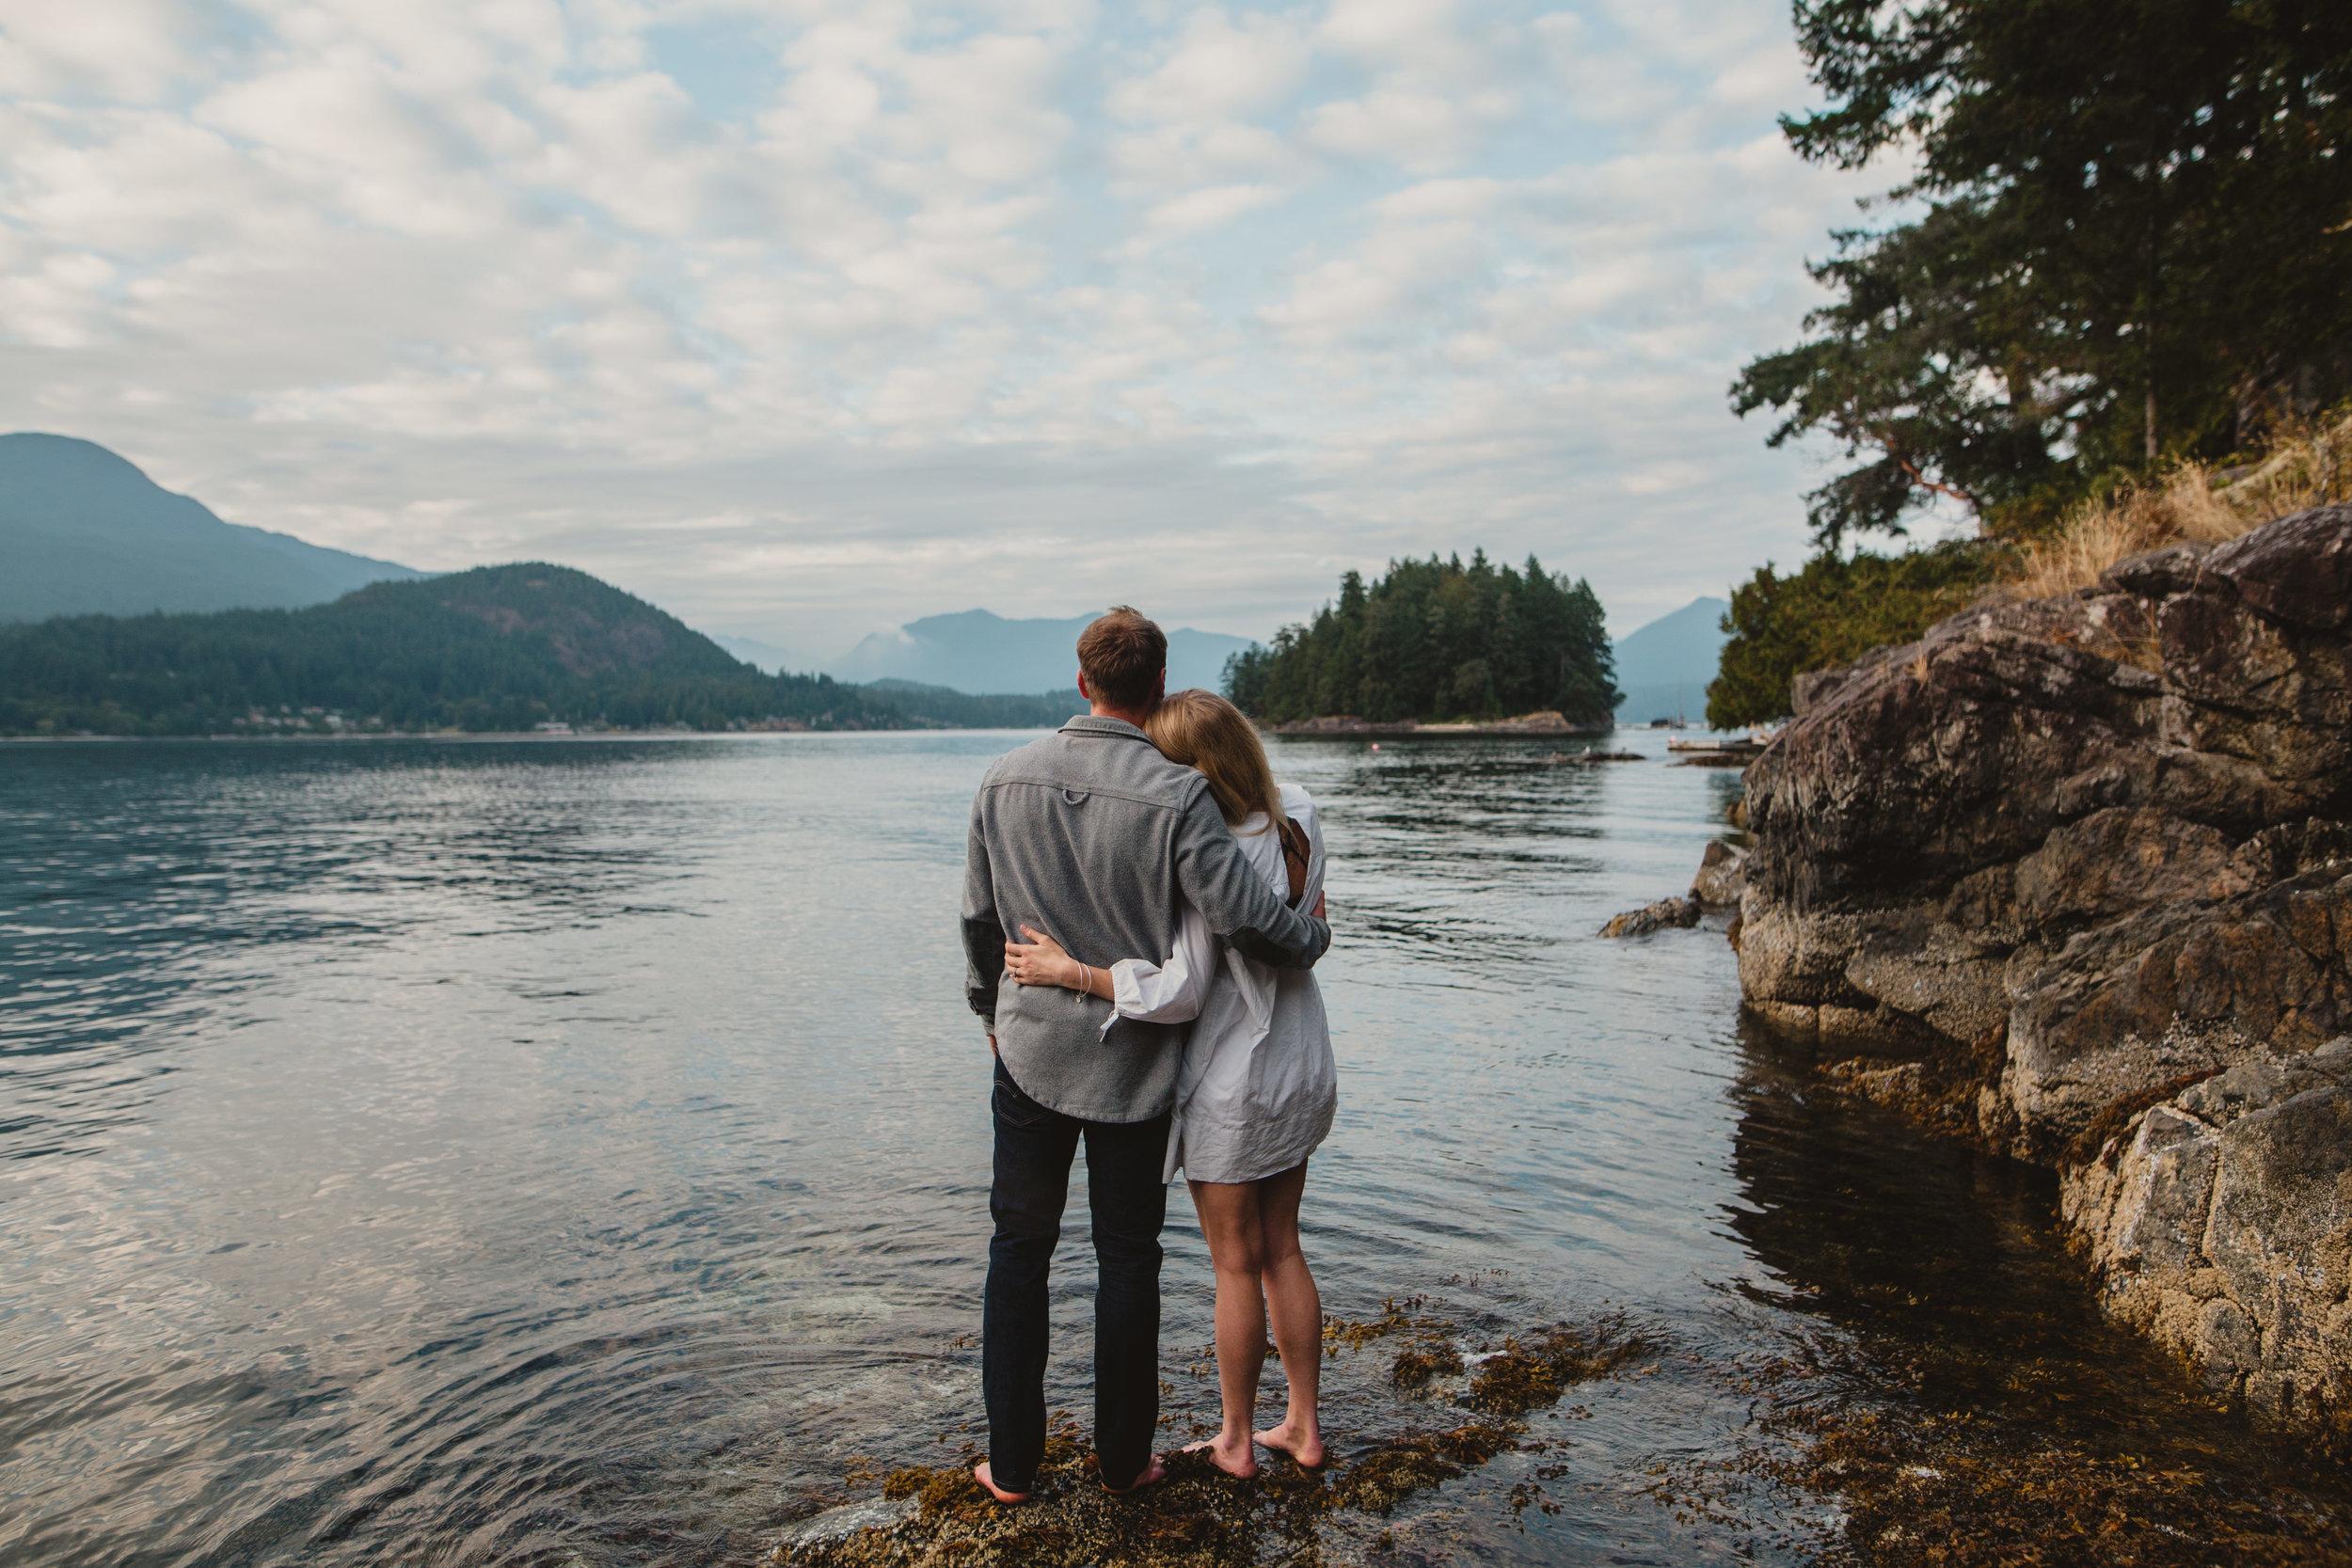 Keats Island Engagement Photos - Sunshine Coast Engagement Photos - Sunshine Coast Wedding Photographer - Vancovuer Wedding Photographer - Jennifer Picard Photography - IMG_3211.jpg